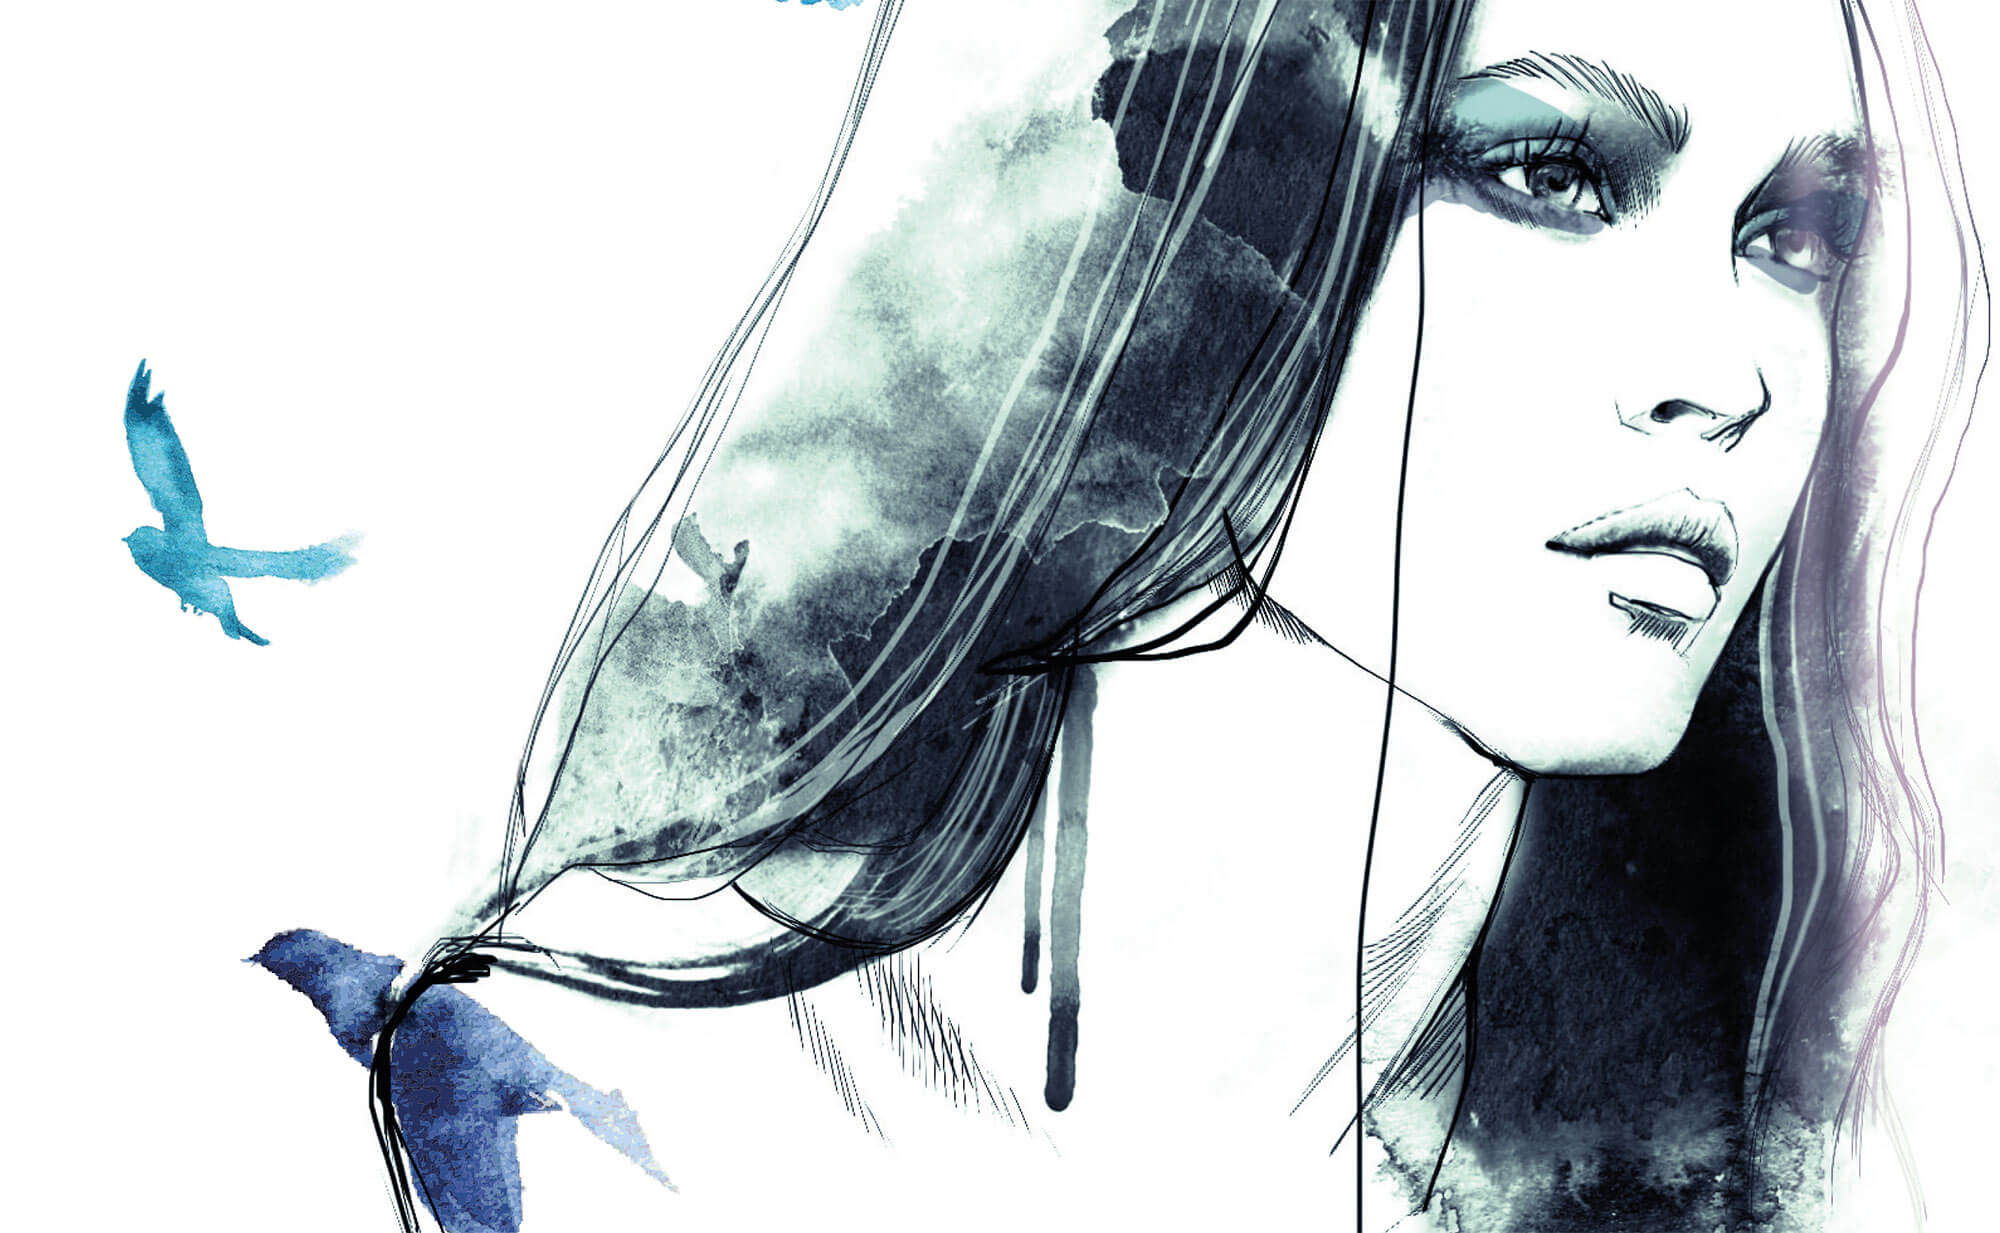 me-ibiza-style-001